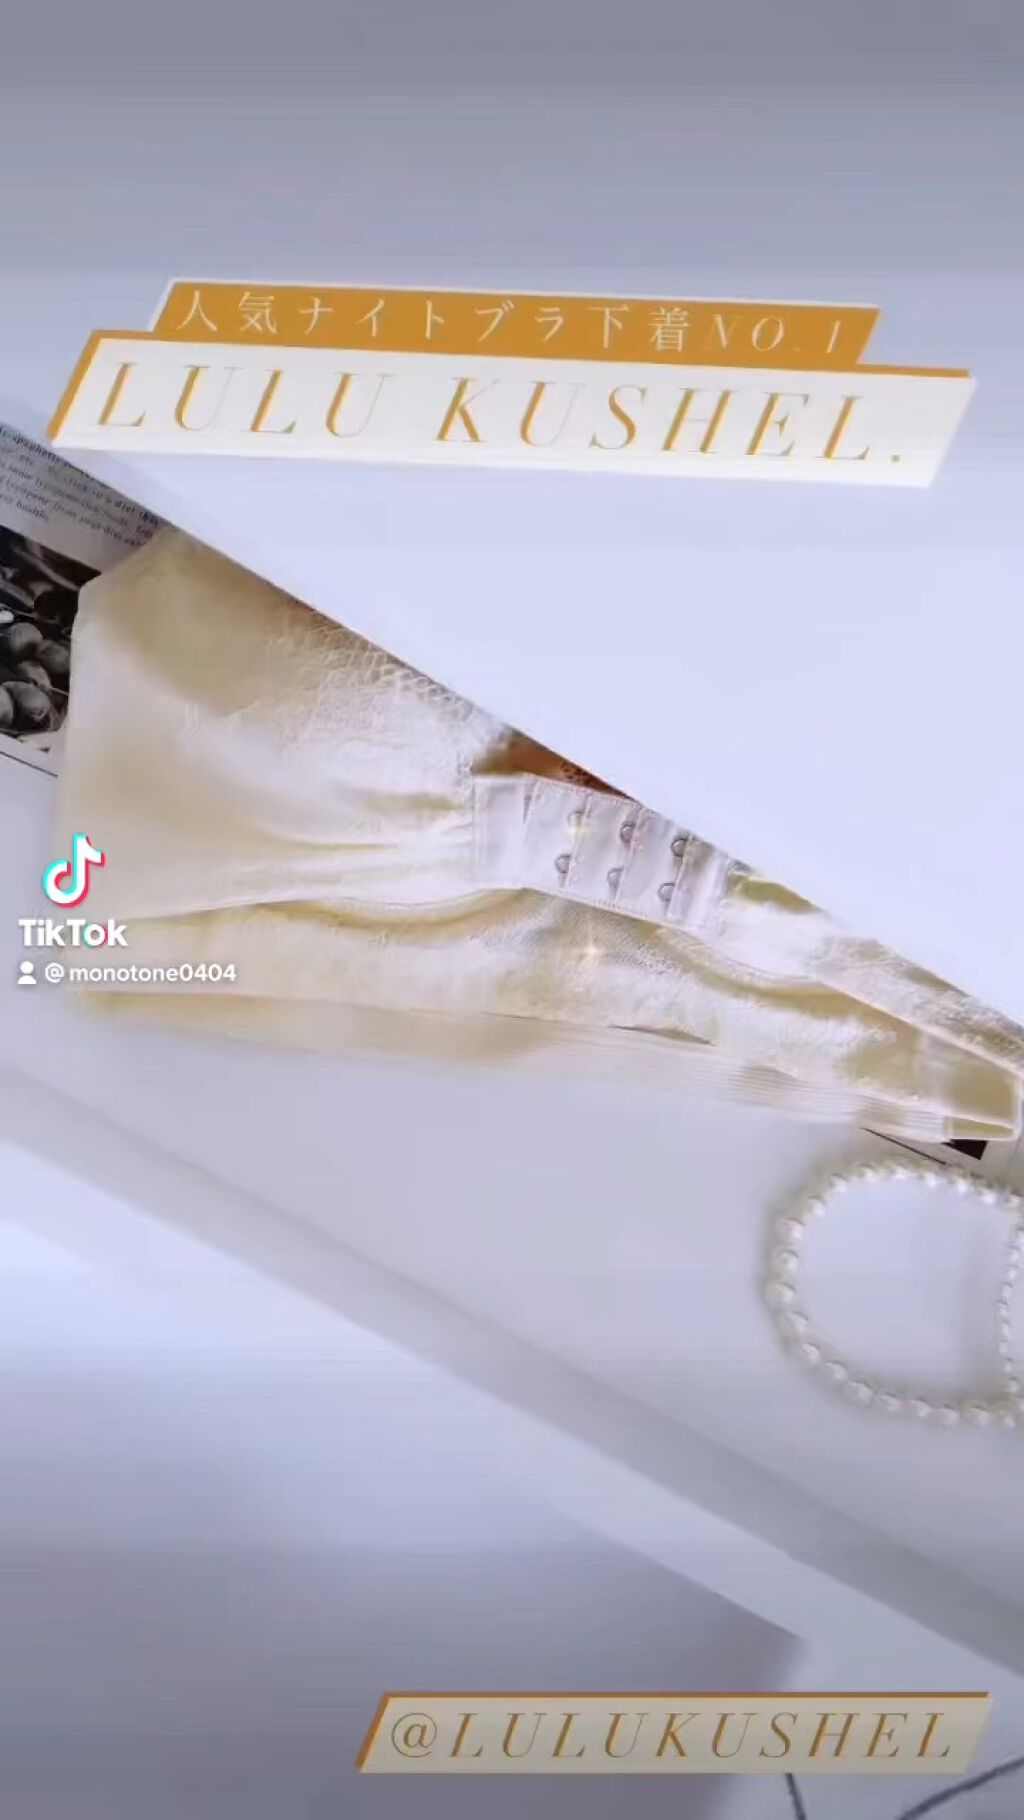 くつろぎ育乳ブラ/Lulu Kushel./バストアップ・ヒップケアを使ったクチコミ(1枚目)